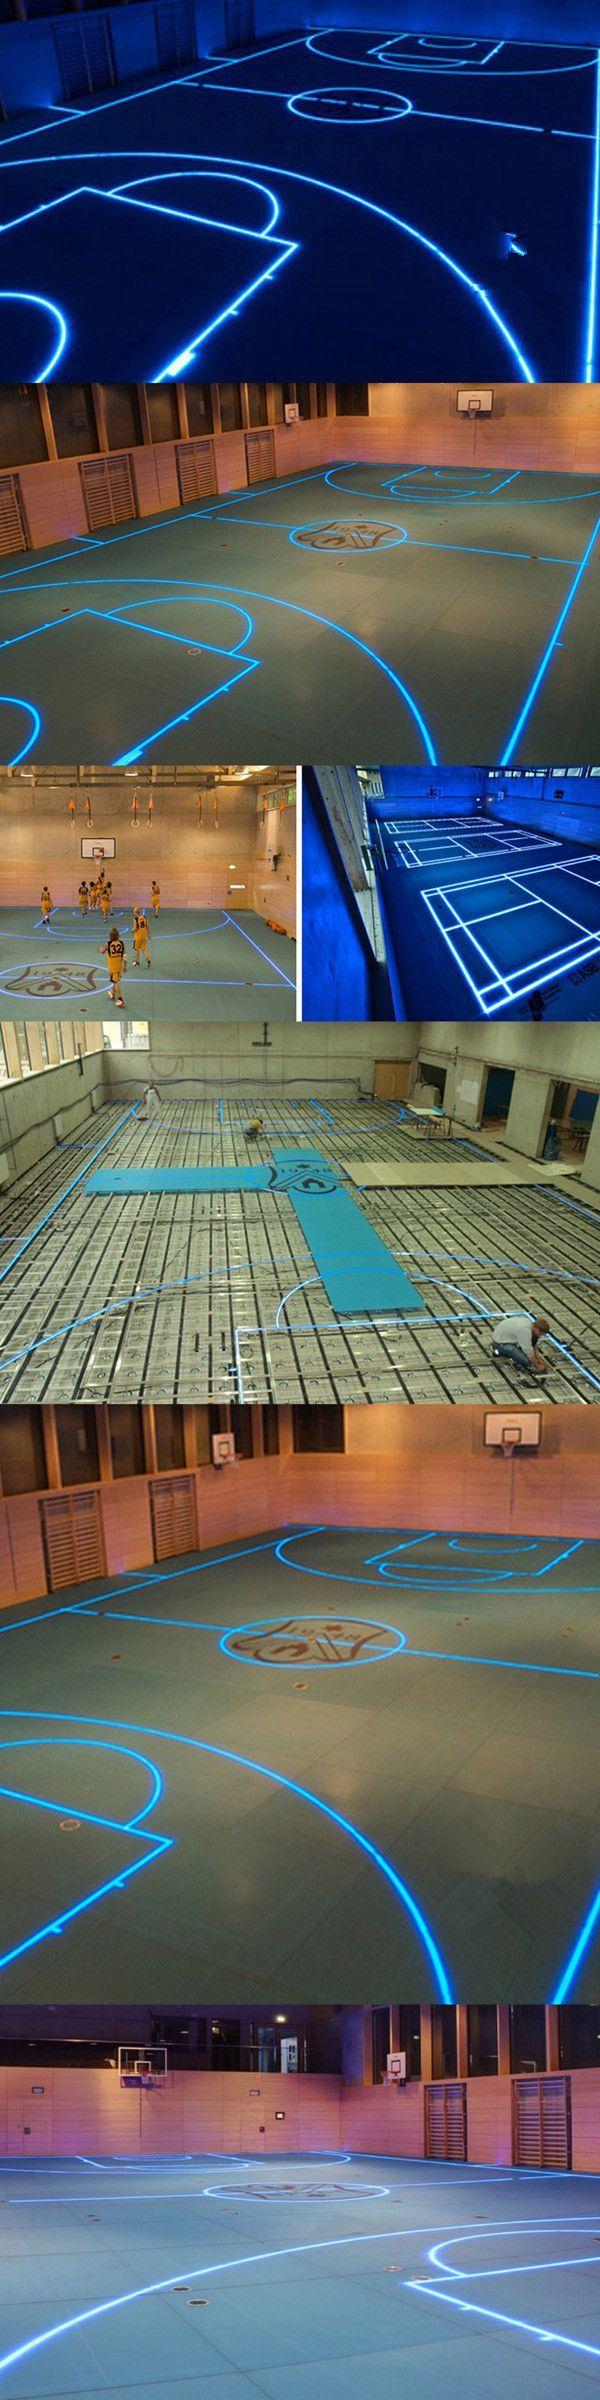 indoor sport court cost